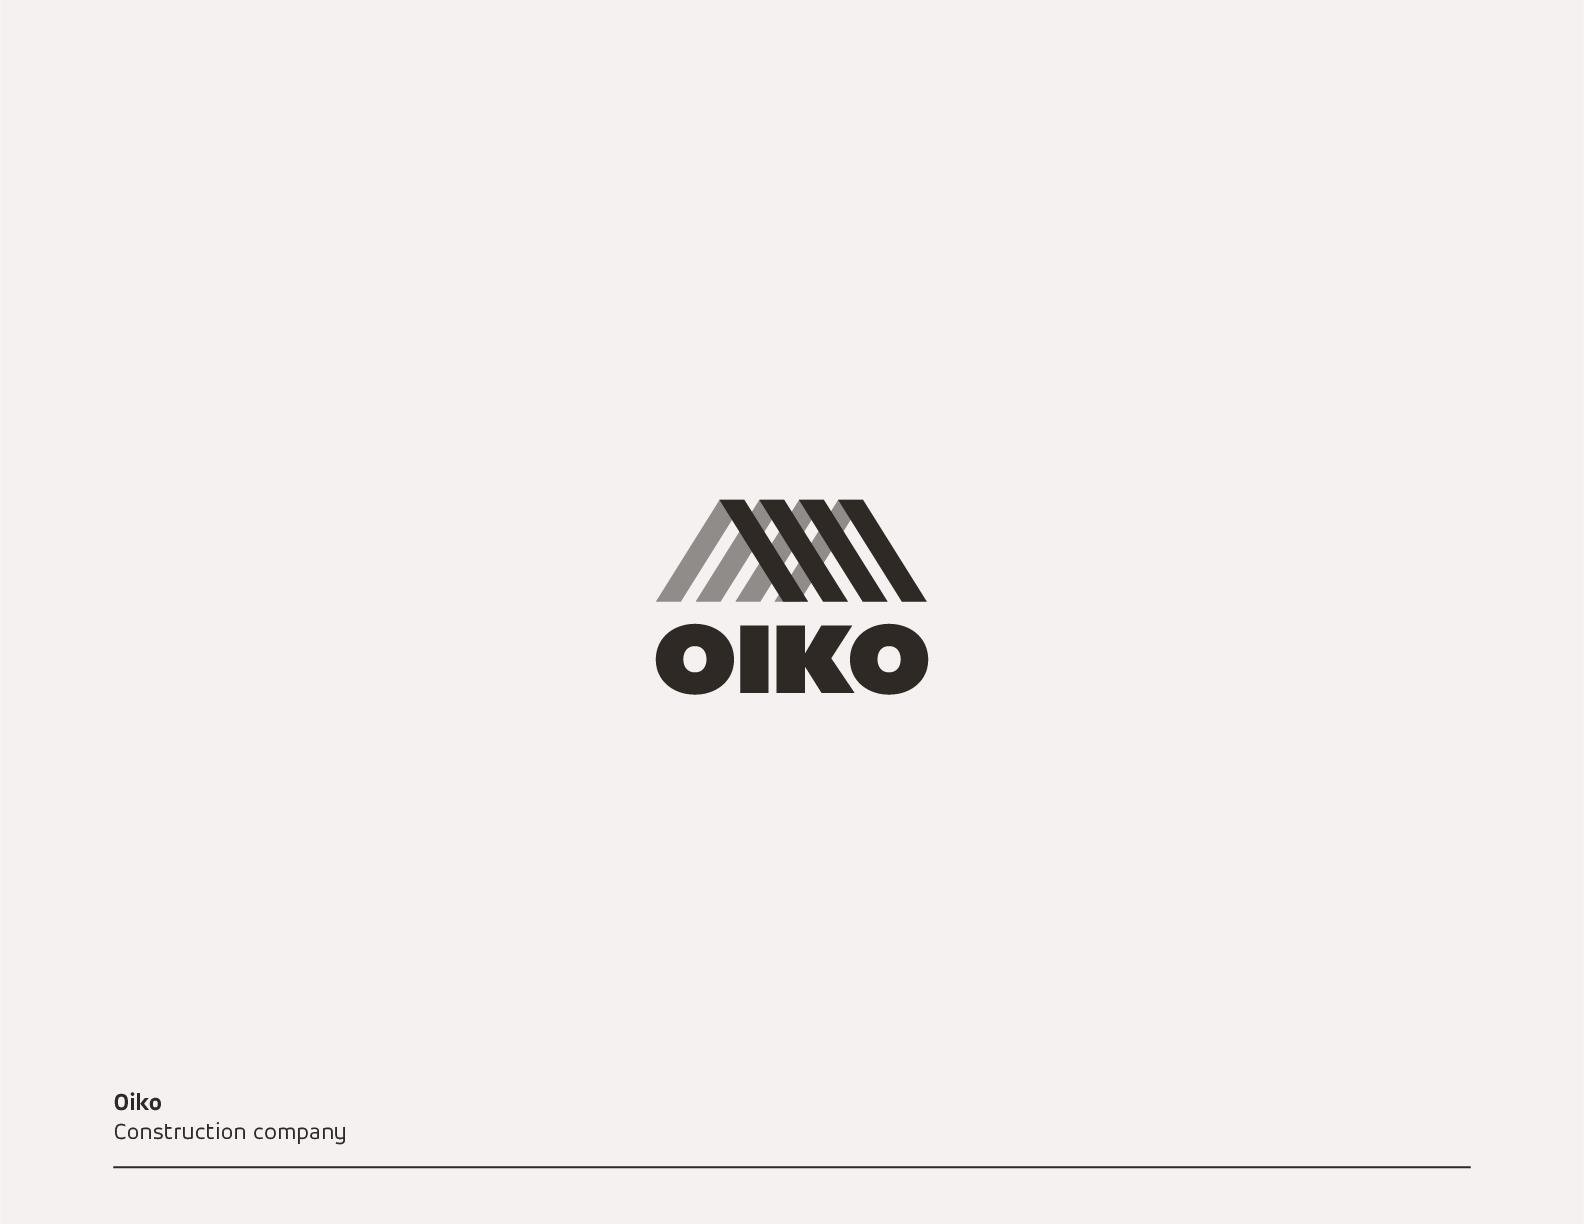 建築会社のロゴ提案3